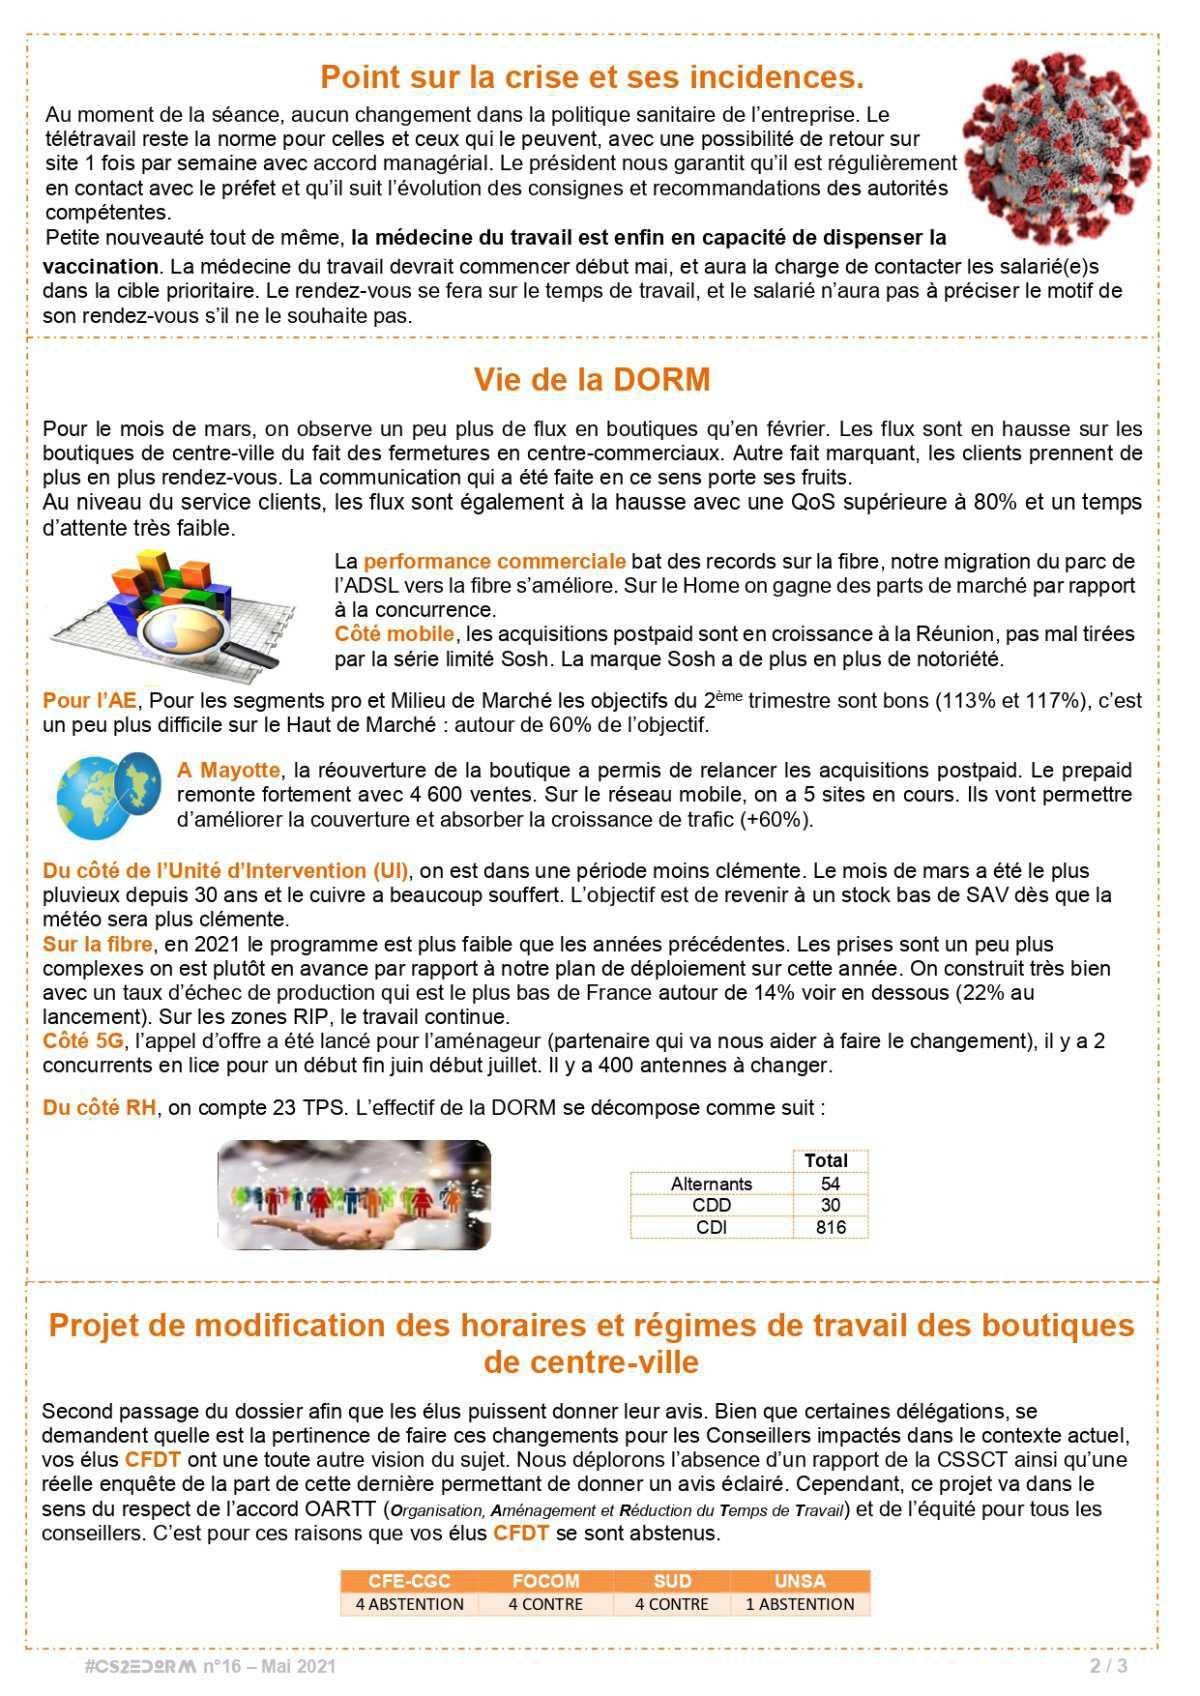 #CS2EDORM n°16 - CSEE des 29 et 30 avril 2021